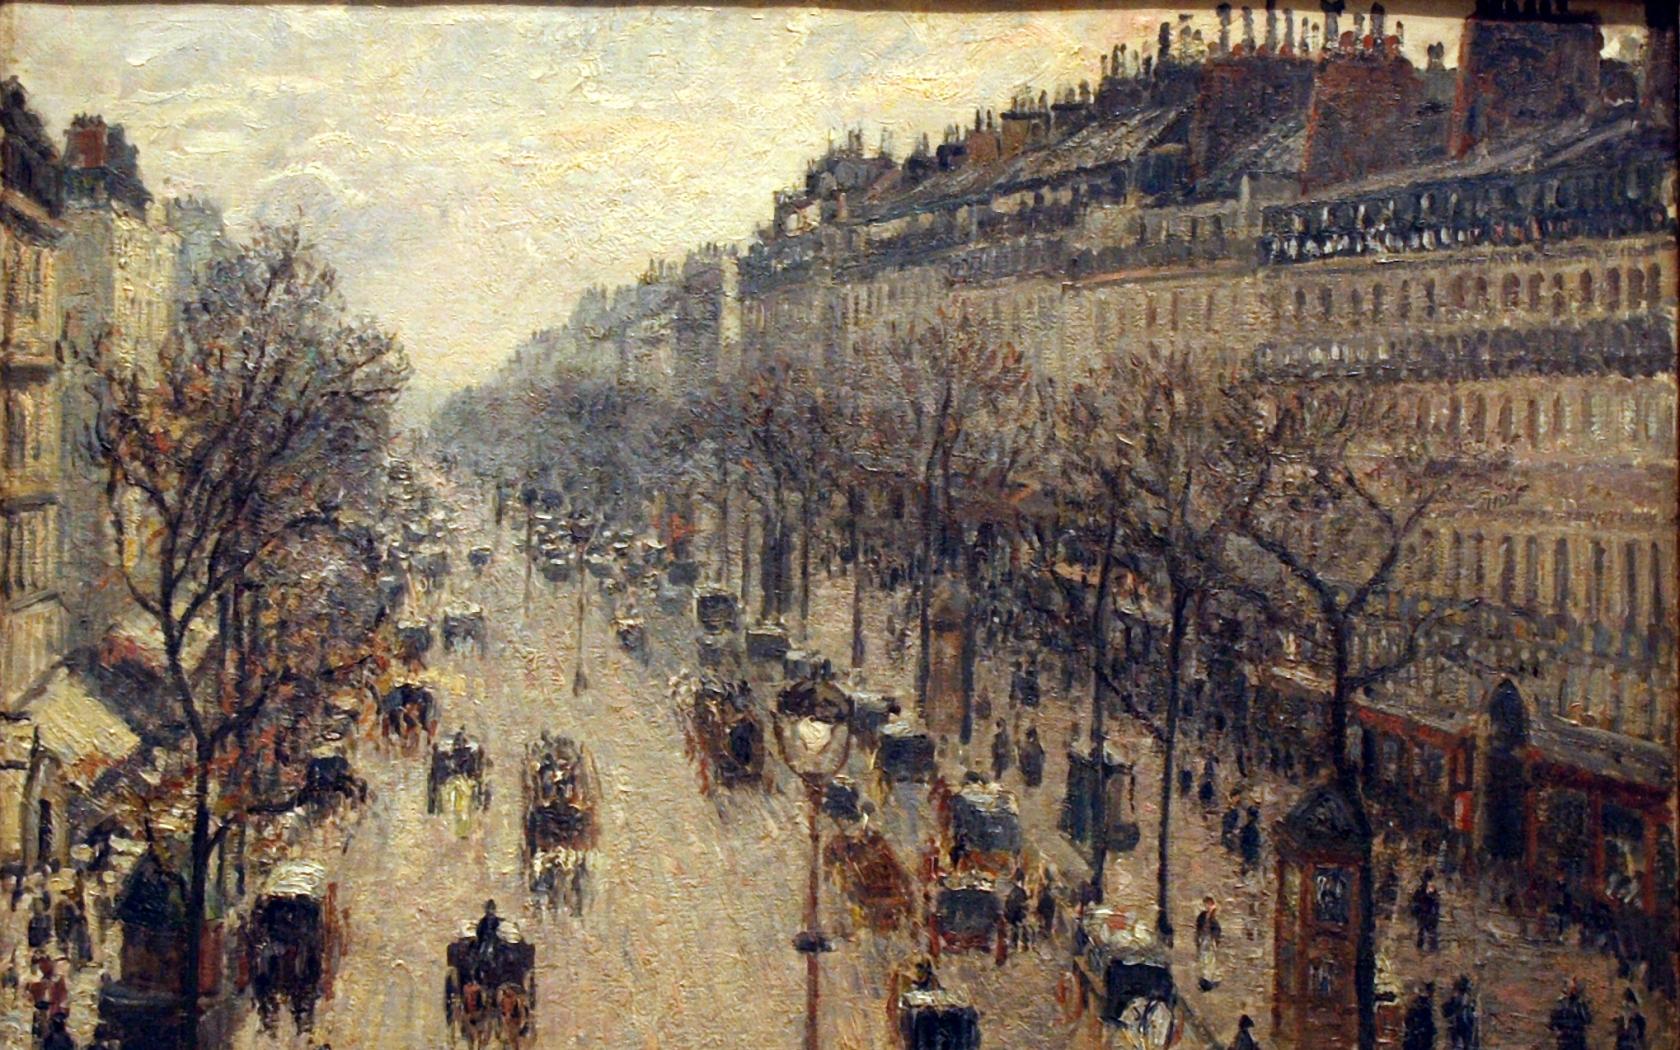 impressionist painting camille pissarro 2038x1596 wallpaper Art HD 1680x1050